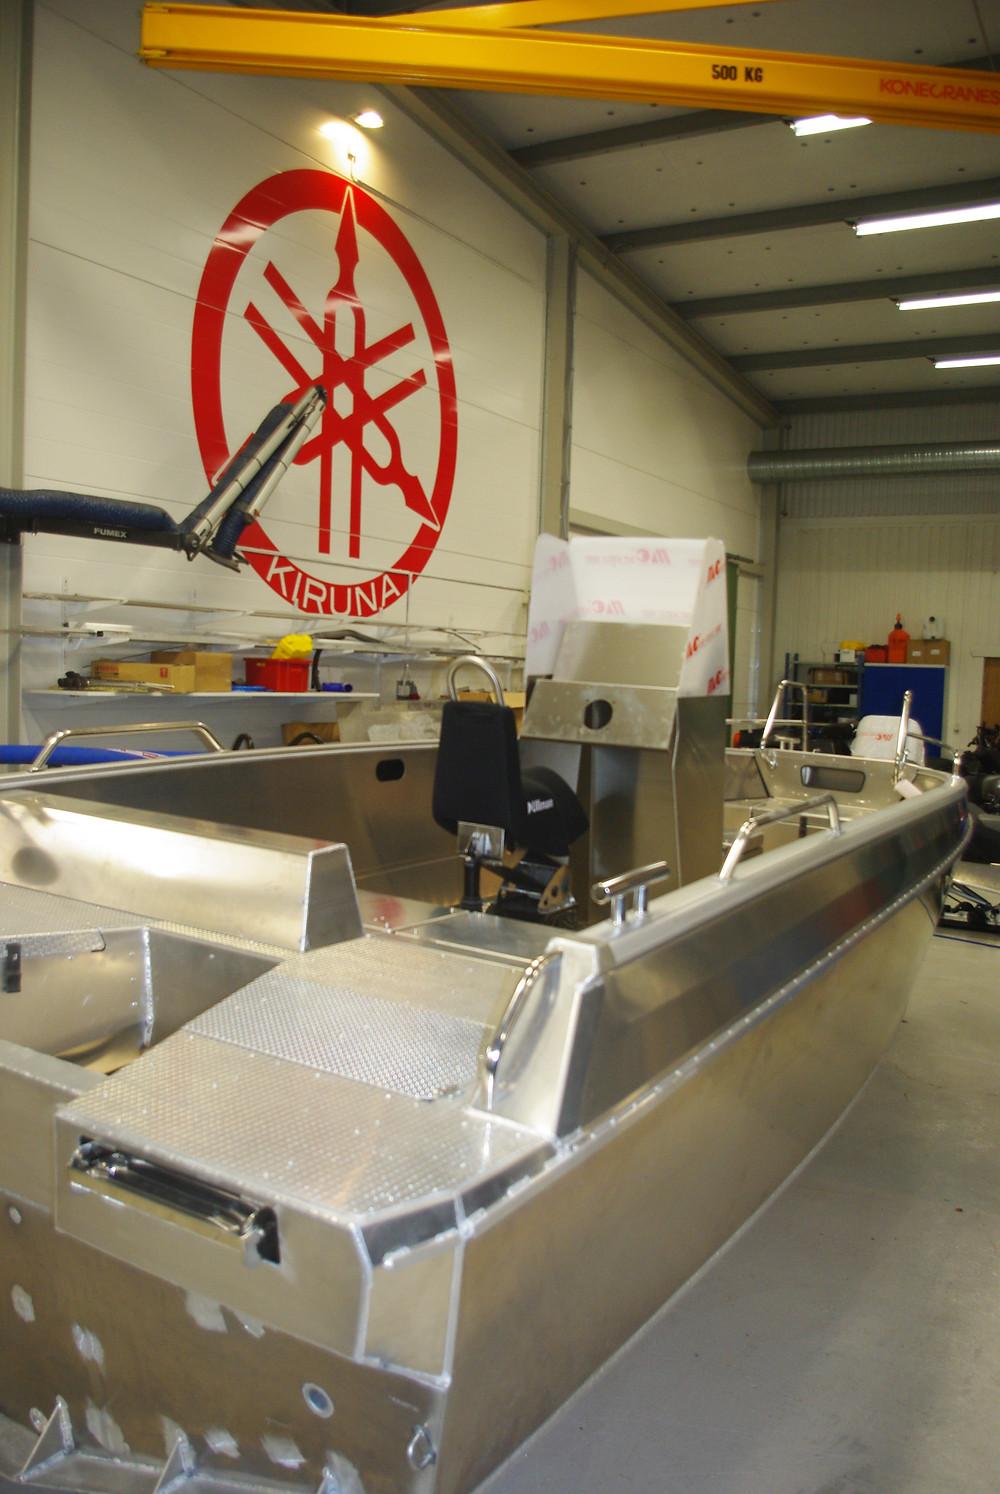 Nordic Rescue SAR/FIRE XL boat